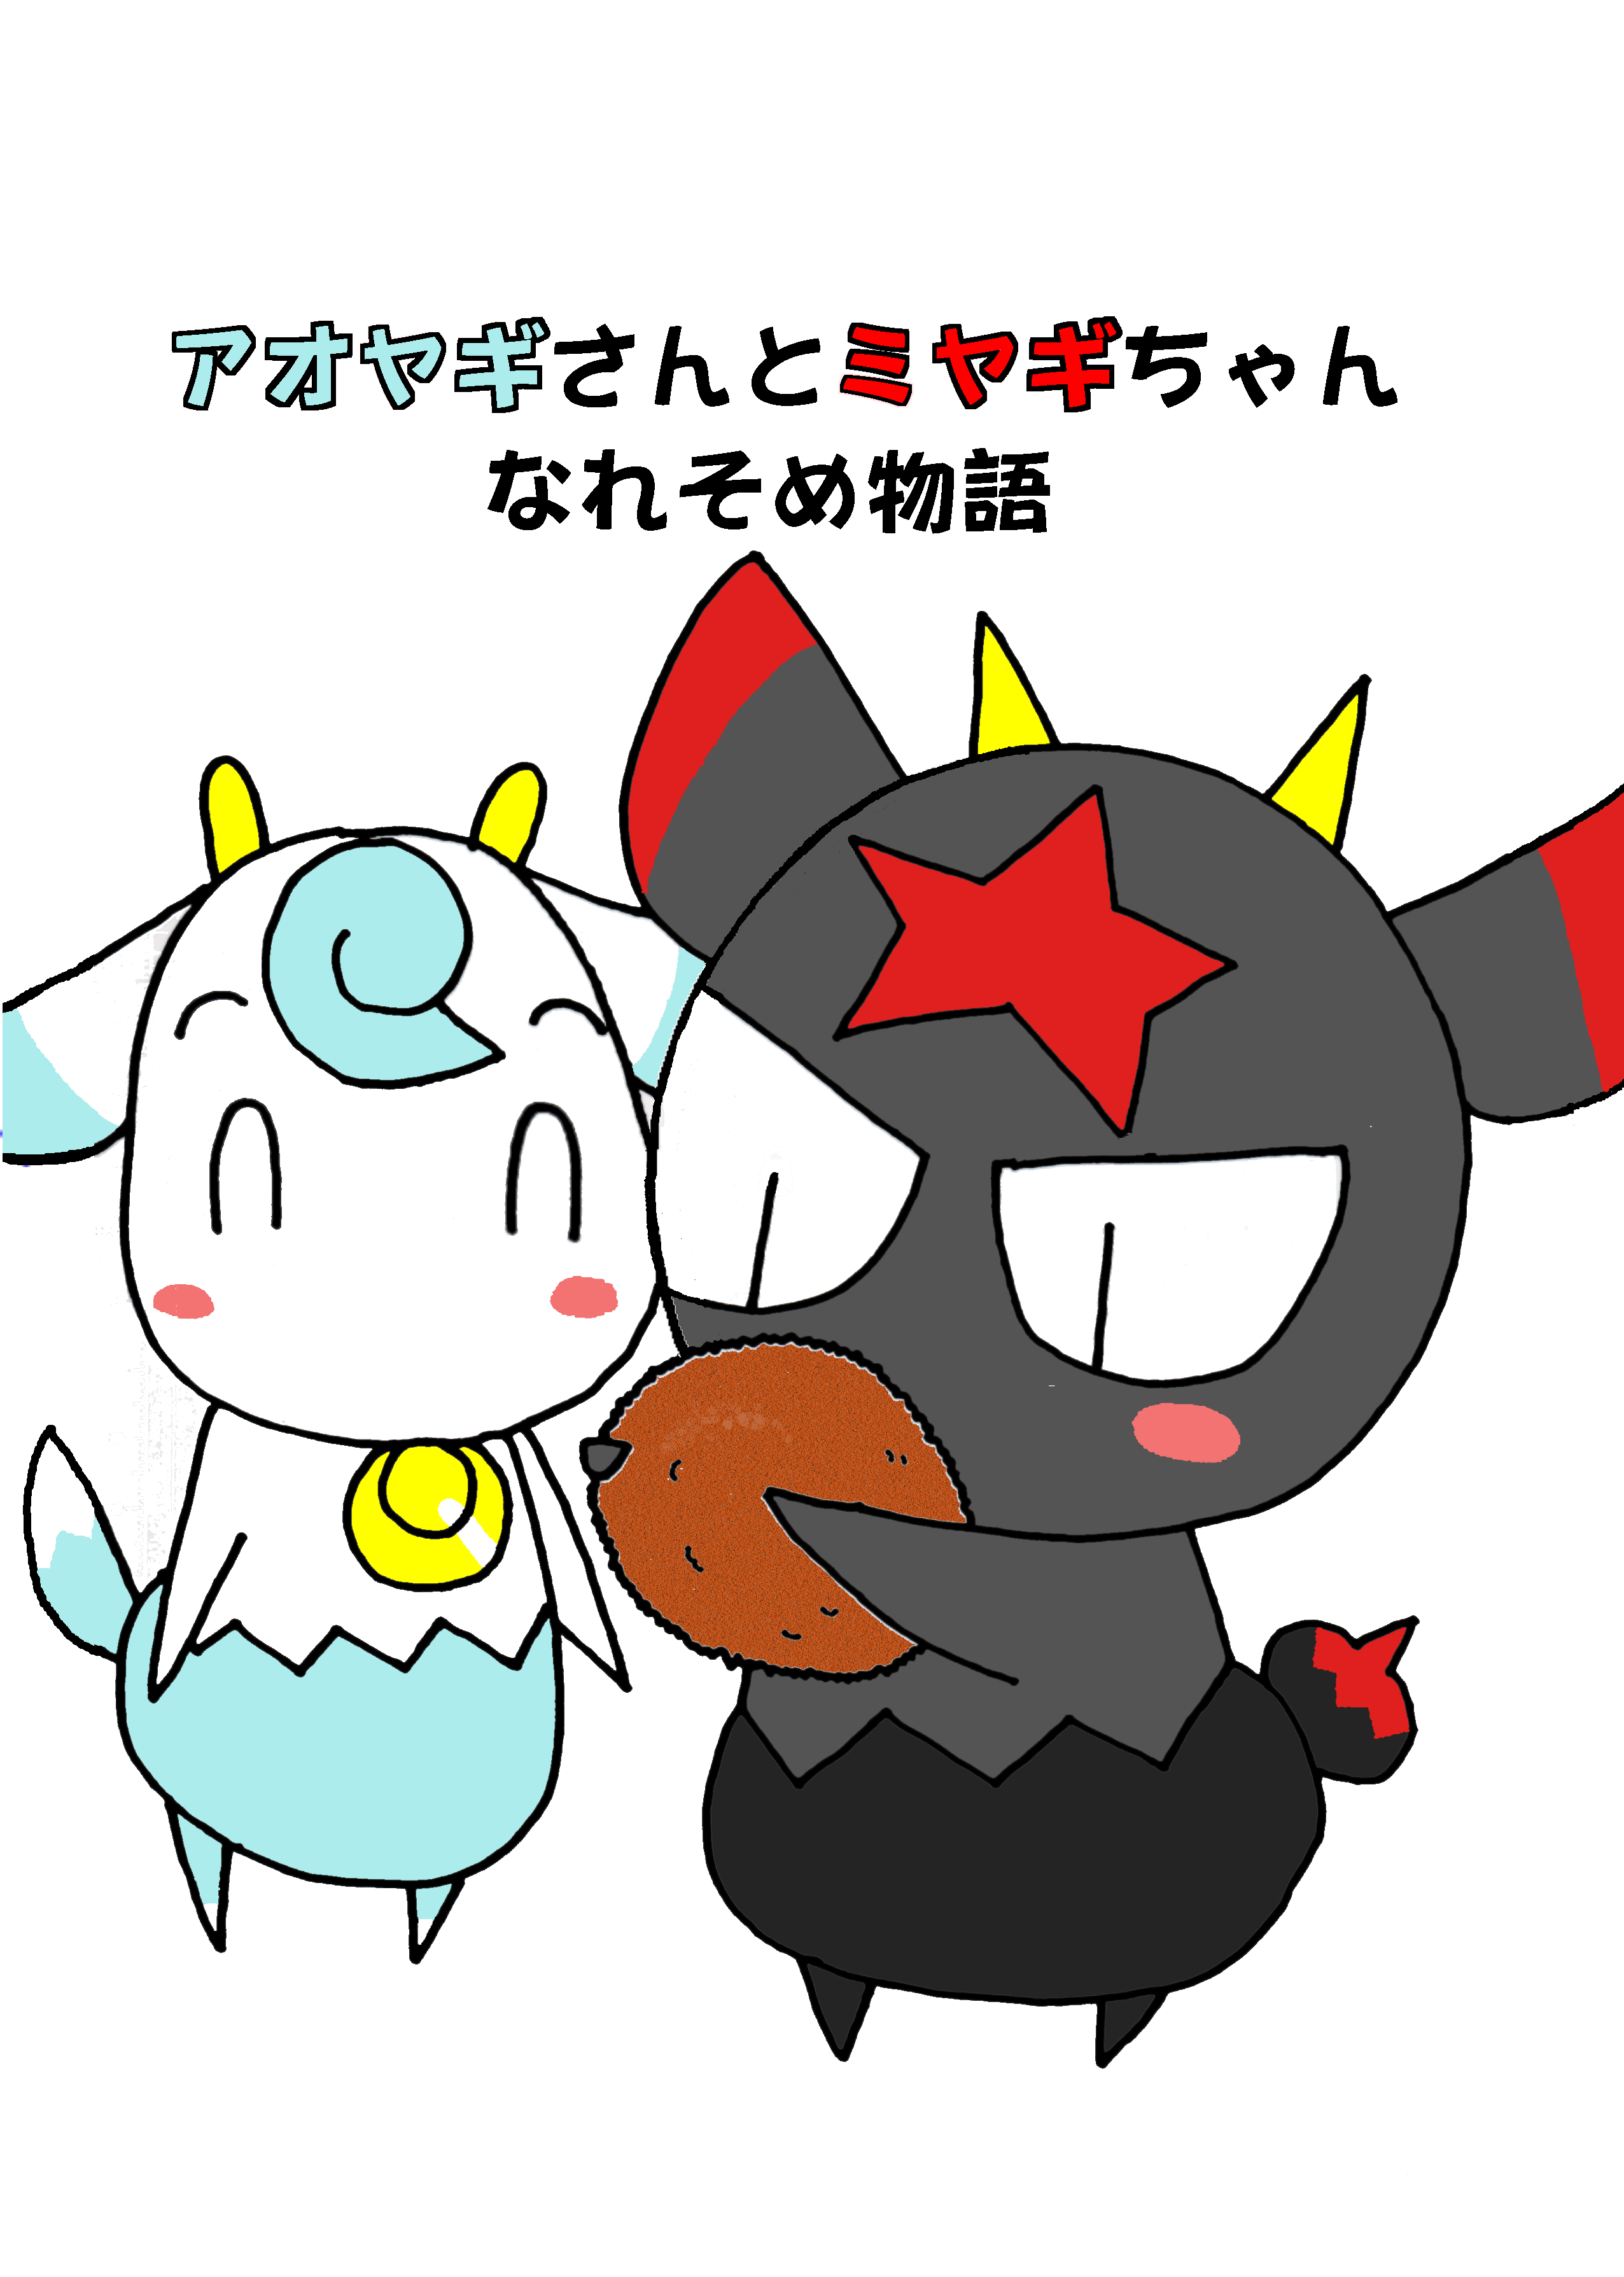 aoyagimiyagi_naresome_hyoushi01.png